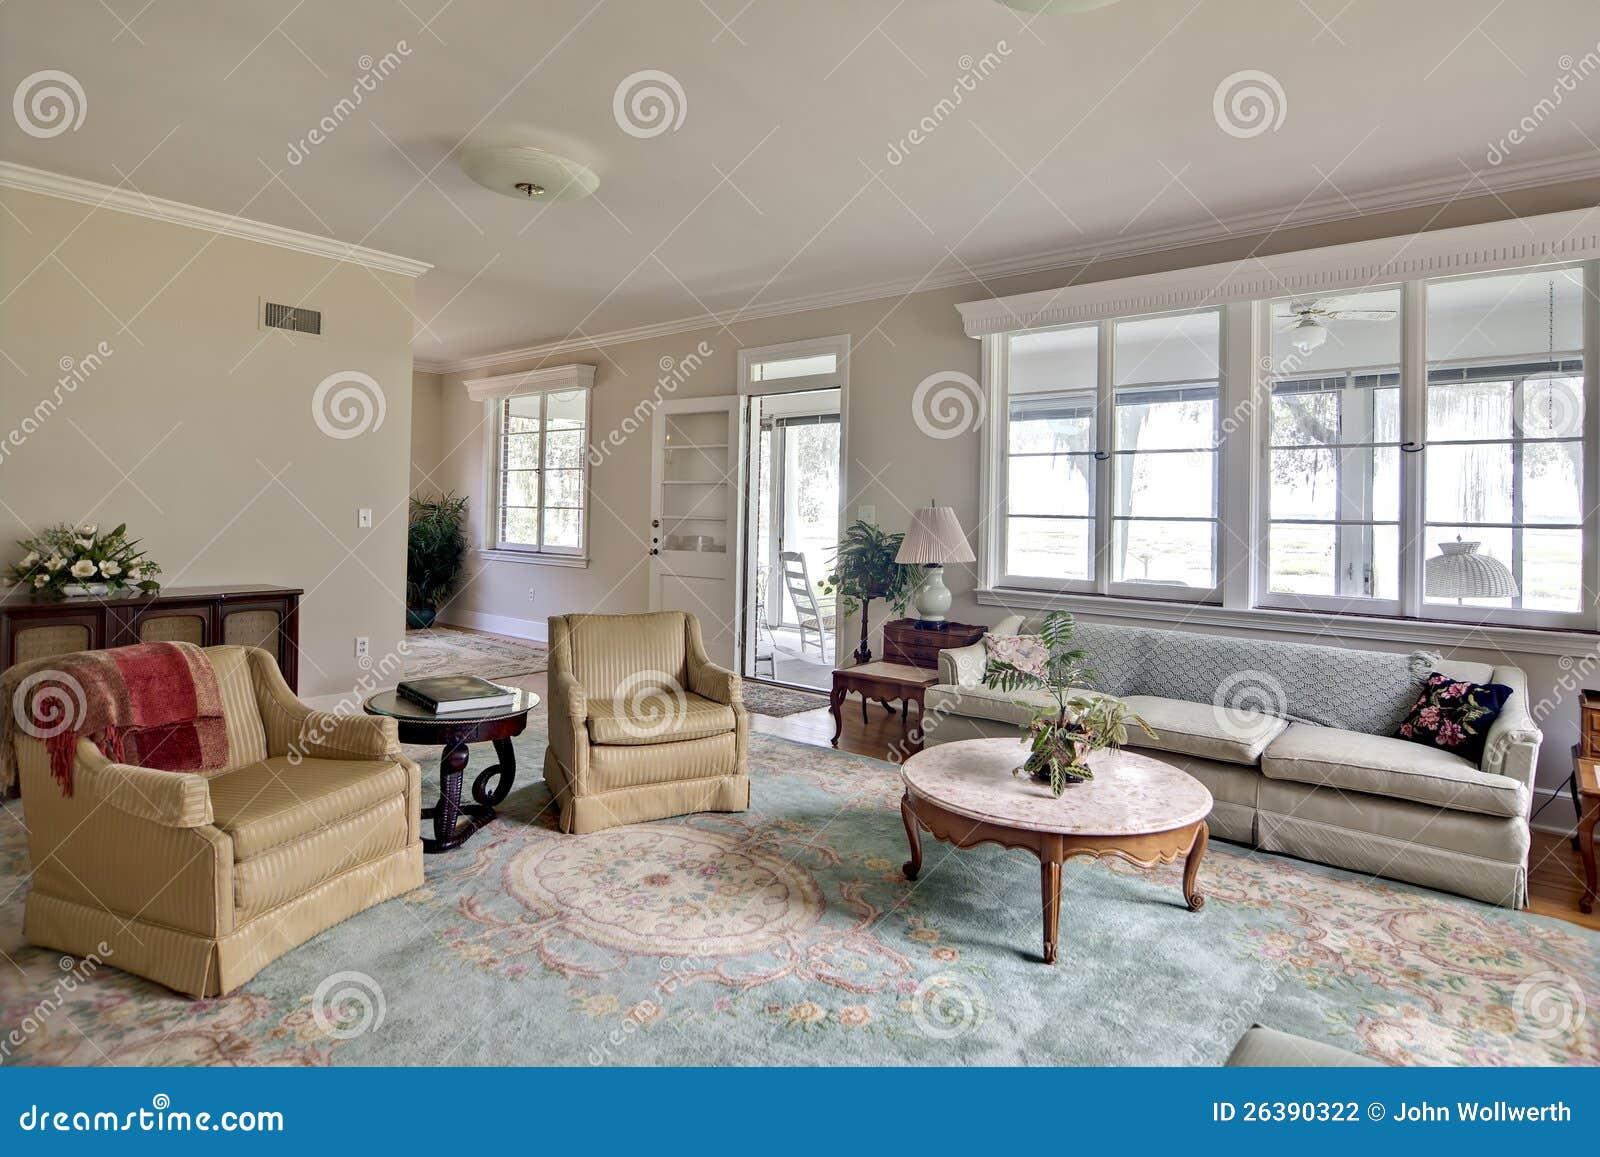 Viejo interior casero anticuado